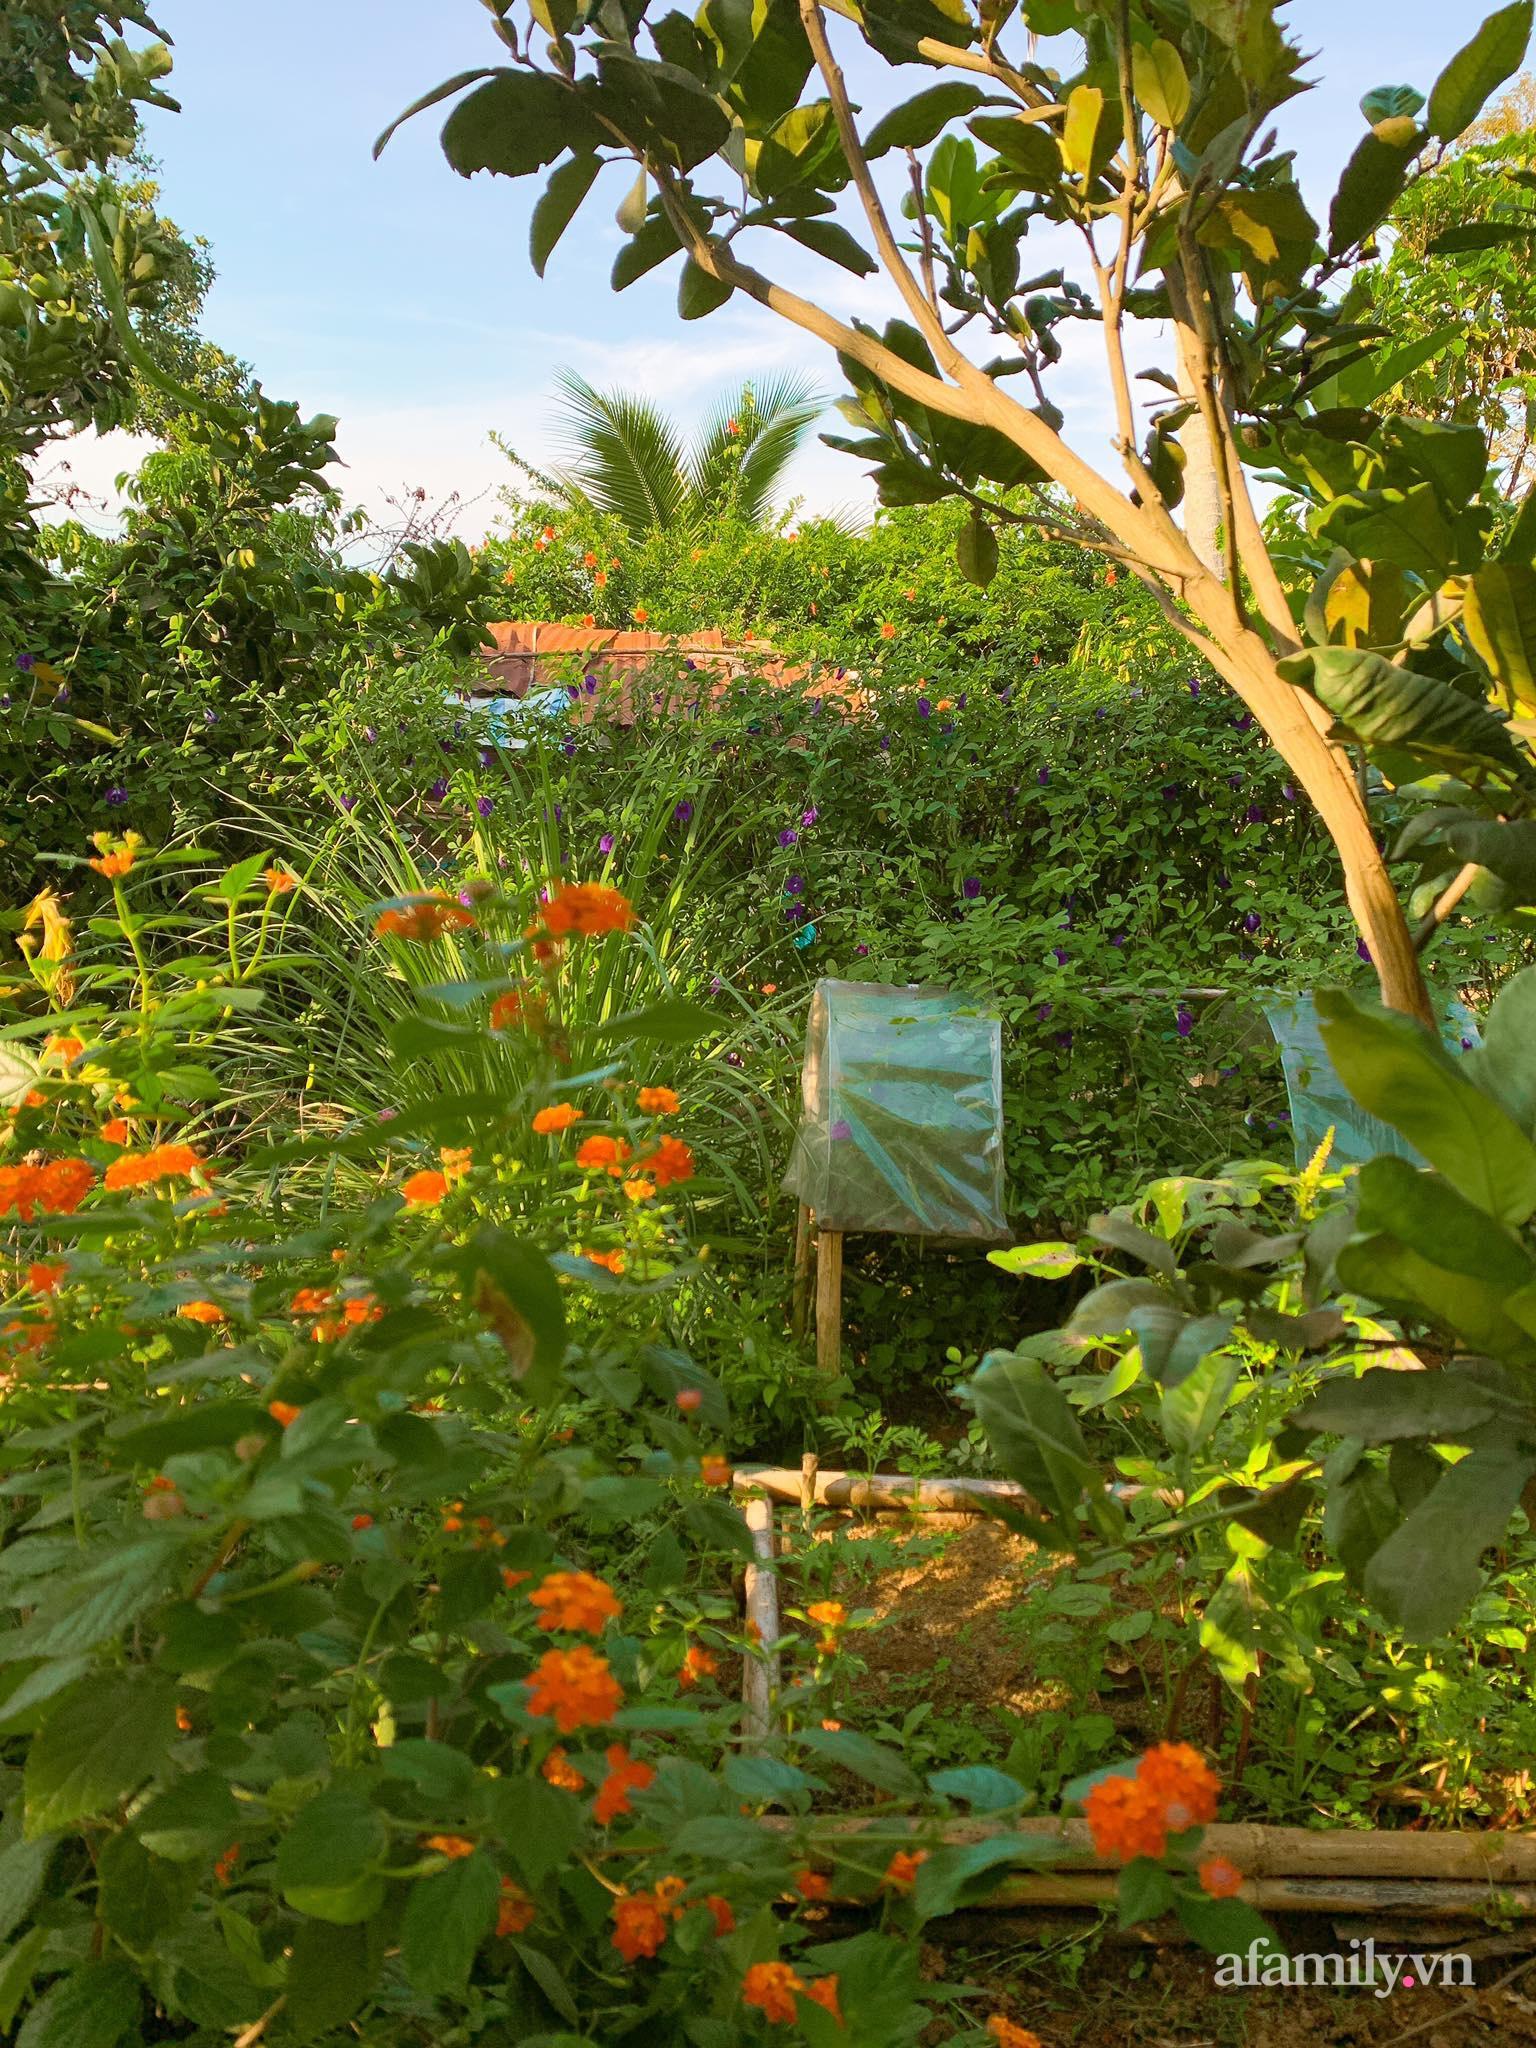 Chán cuộc sống bon chen ở phố, cặp vợ chồng 9X có thu nhập ổn định quyết định chọn về quê sống bình yên bên vườn tược ở Đắk Lắk - Ảnh 15.